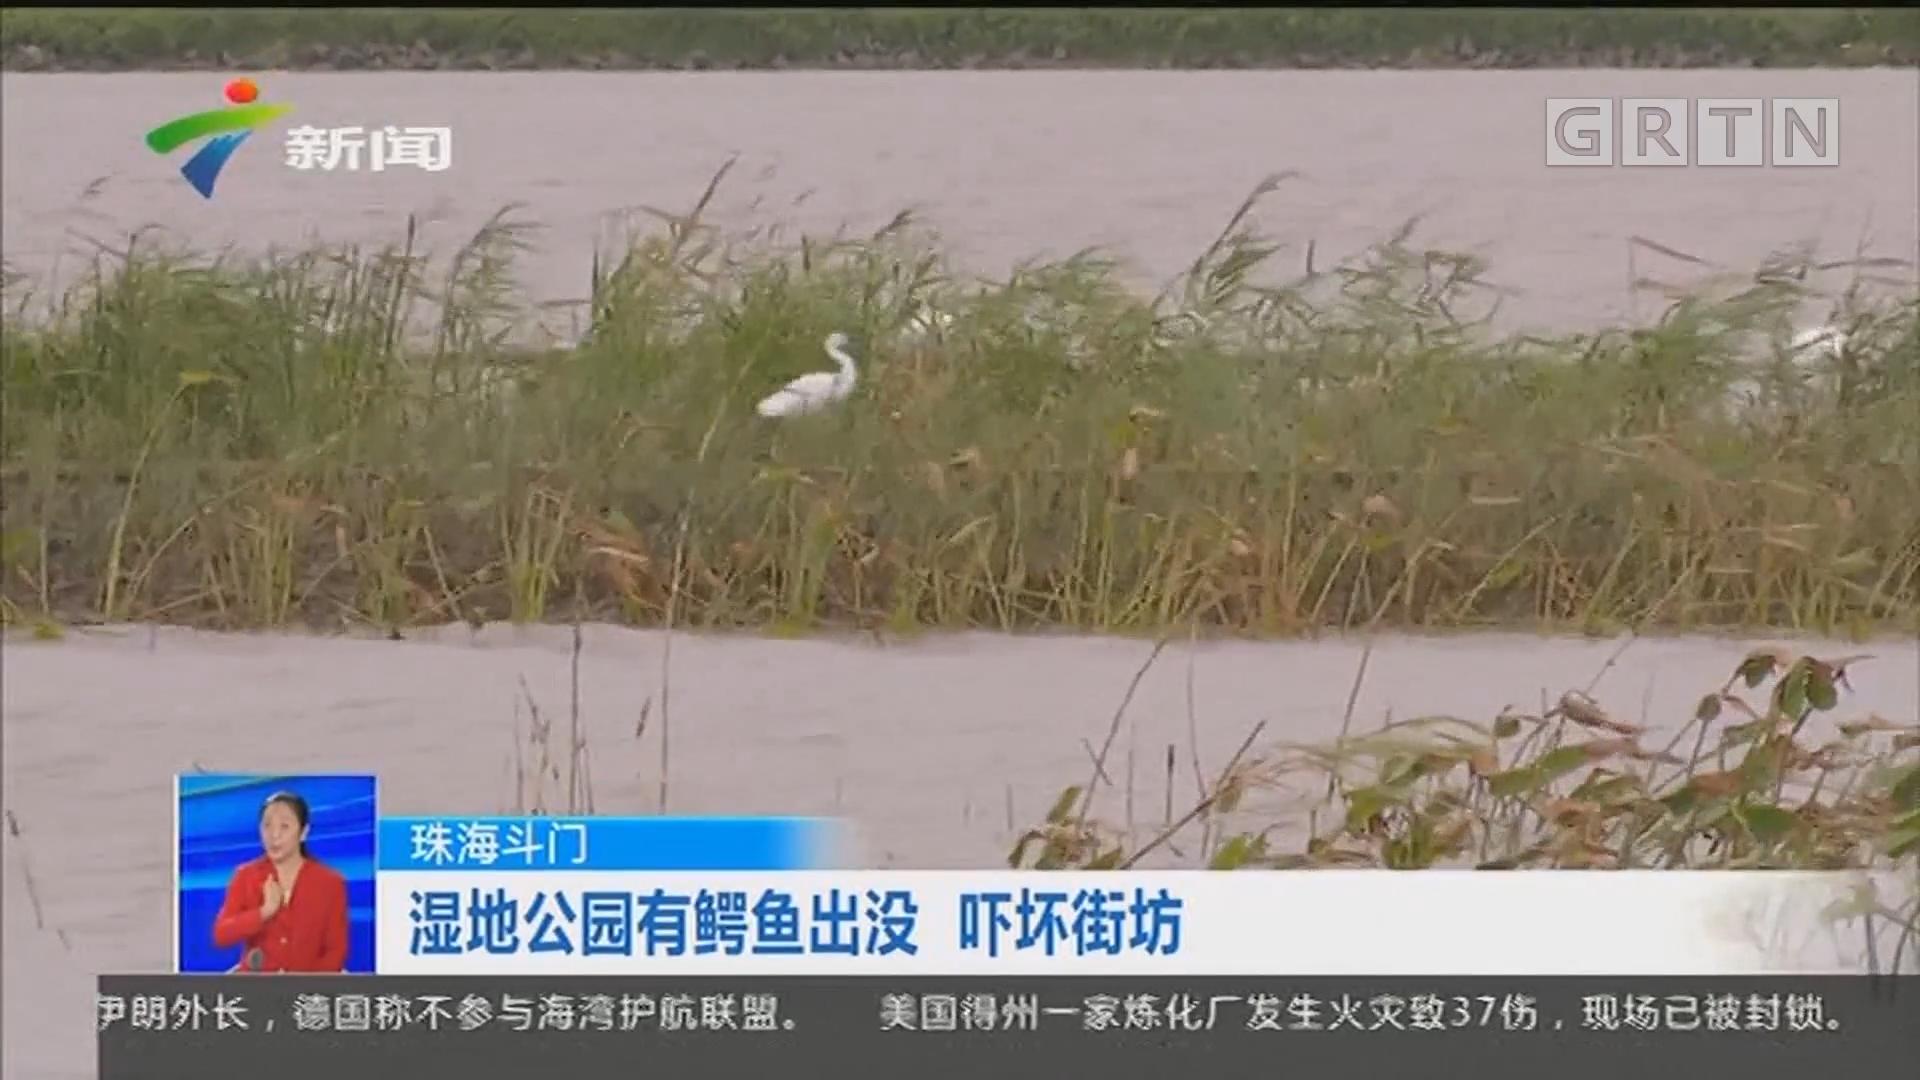 珠海斗门:湿地公园有鳄鱼出没 吓坏街坊